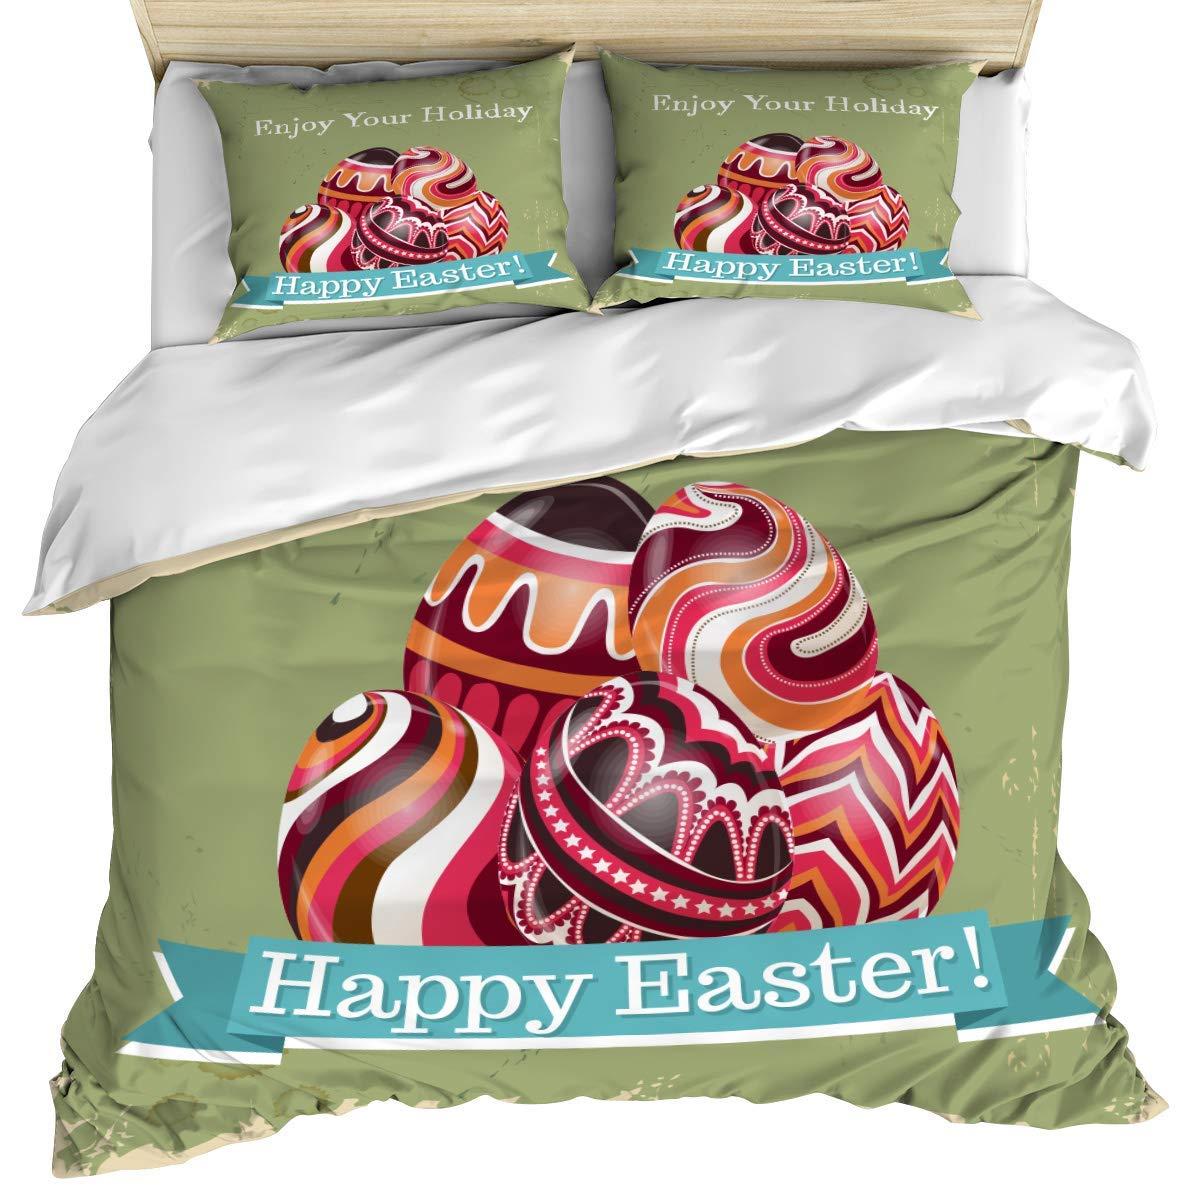 Happy Easter Juego de cama de 3 piezas Funda de edredón, Huevos de ...